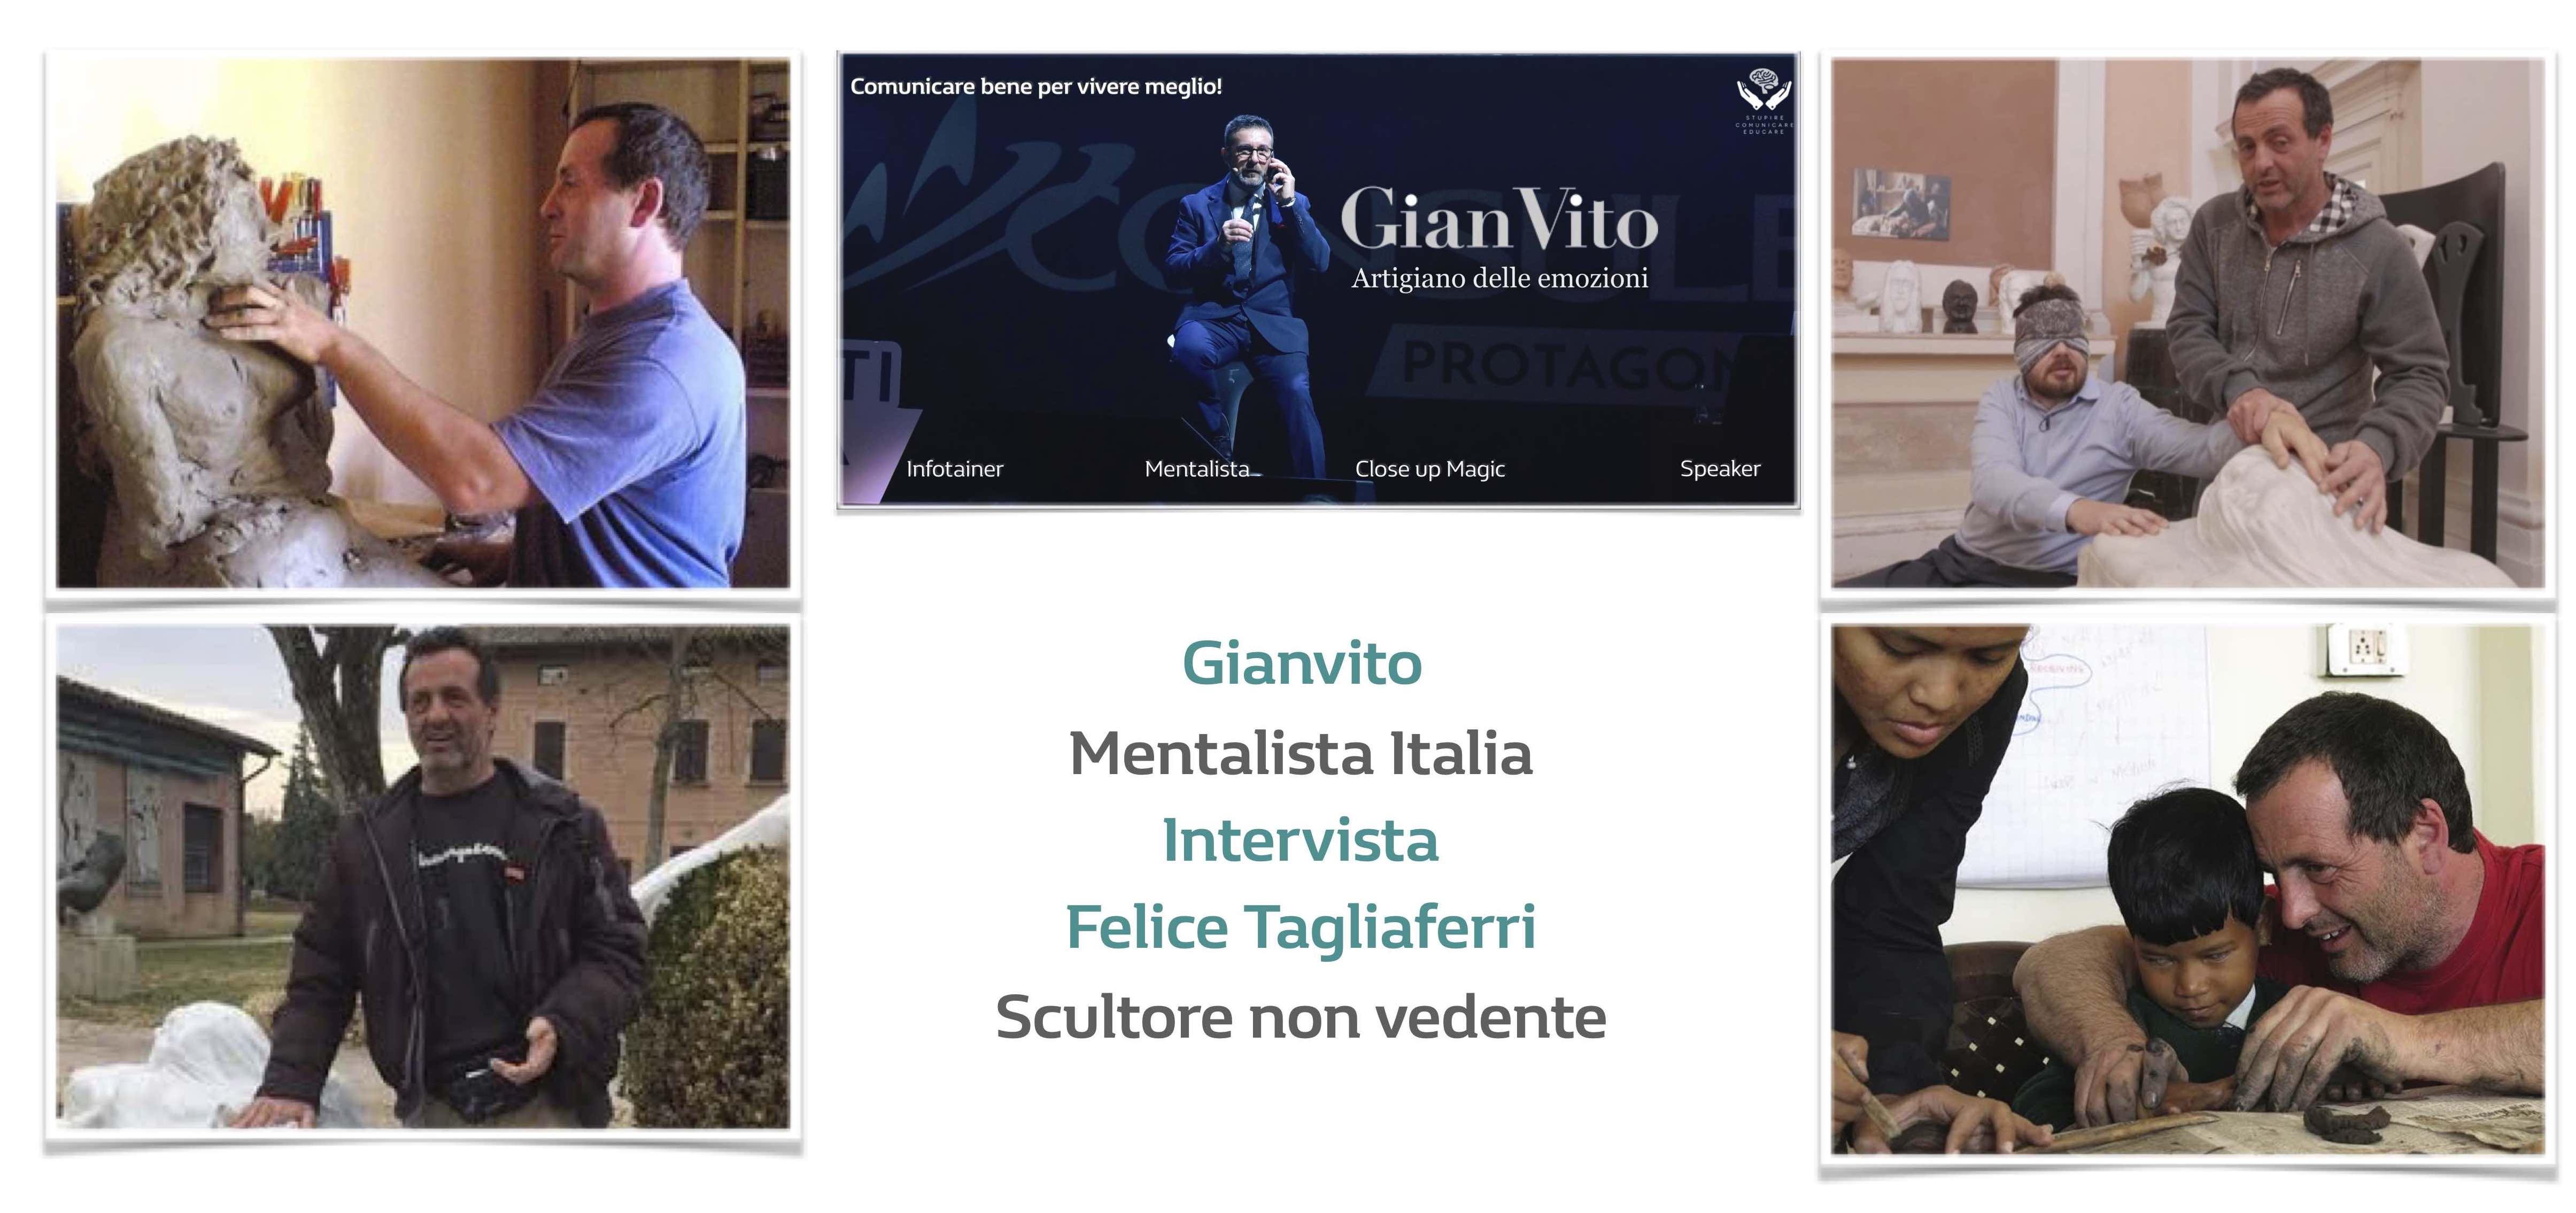 Le interviste di Gianvito Mentalista: Felice Tagliaferri (scultore cieco)